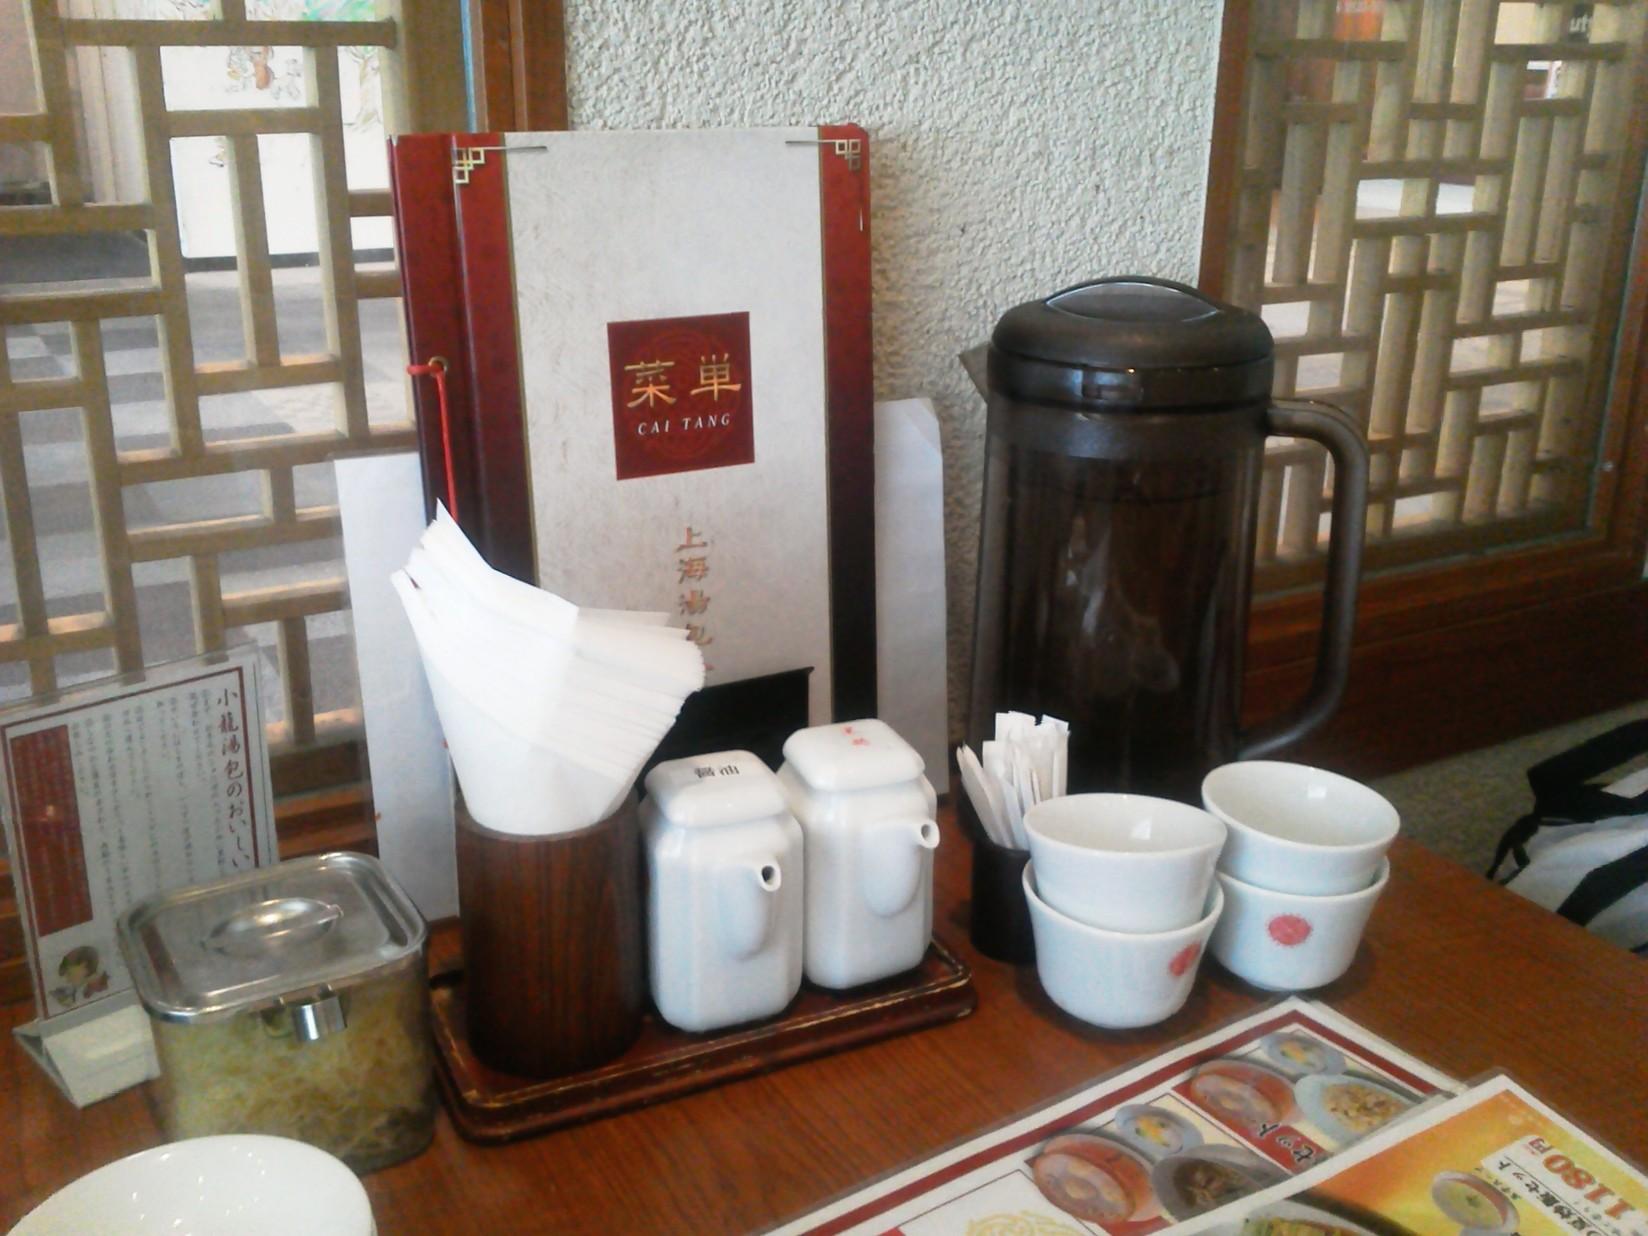 上海湯包小館  イオンモール ナゴヤドーム前店